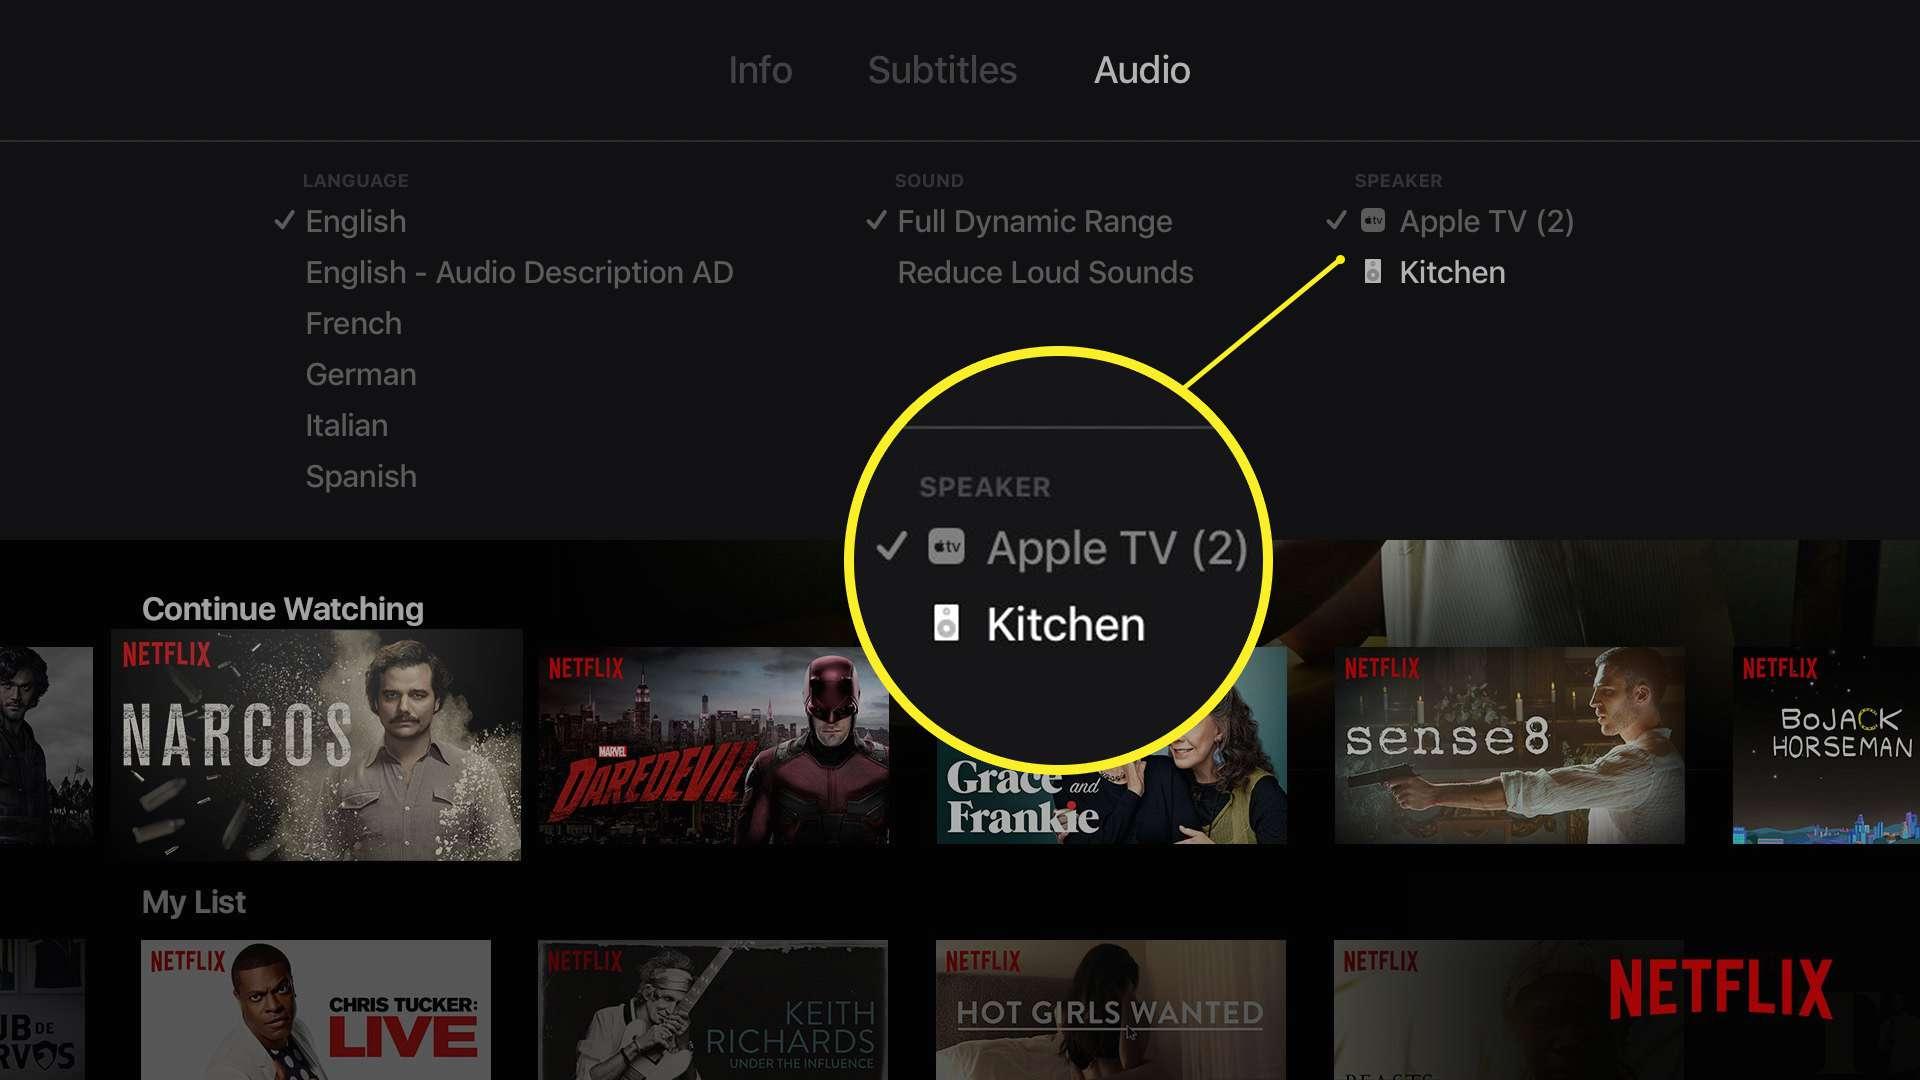 Apple TV speaker selection